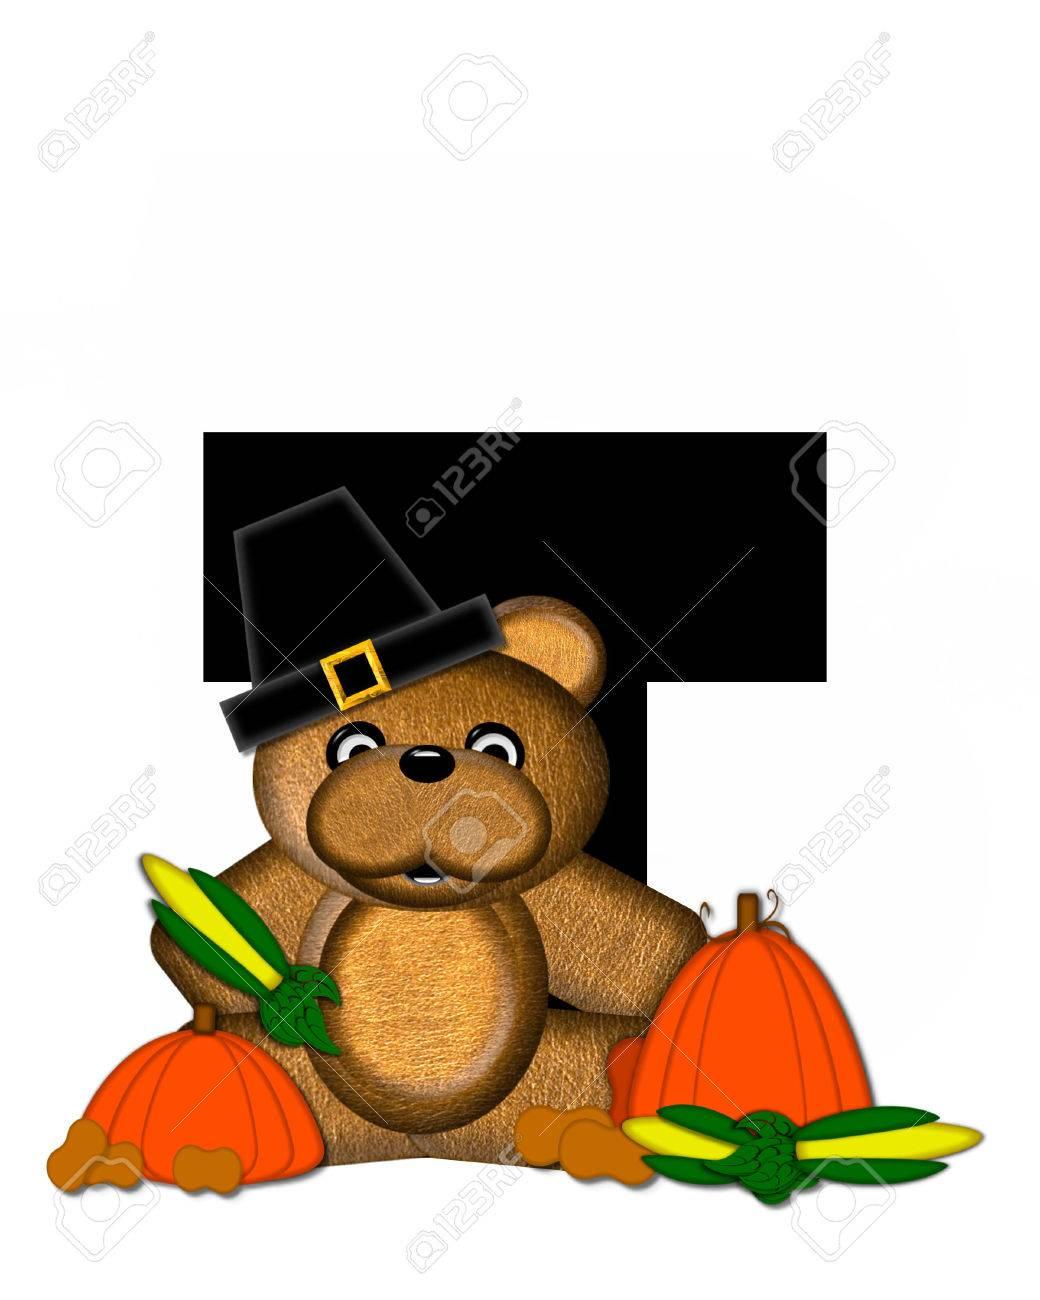 Immagini Stock La Lettera T Nel Set Di Alfabeto Teddy